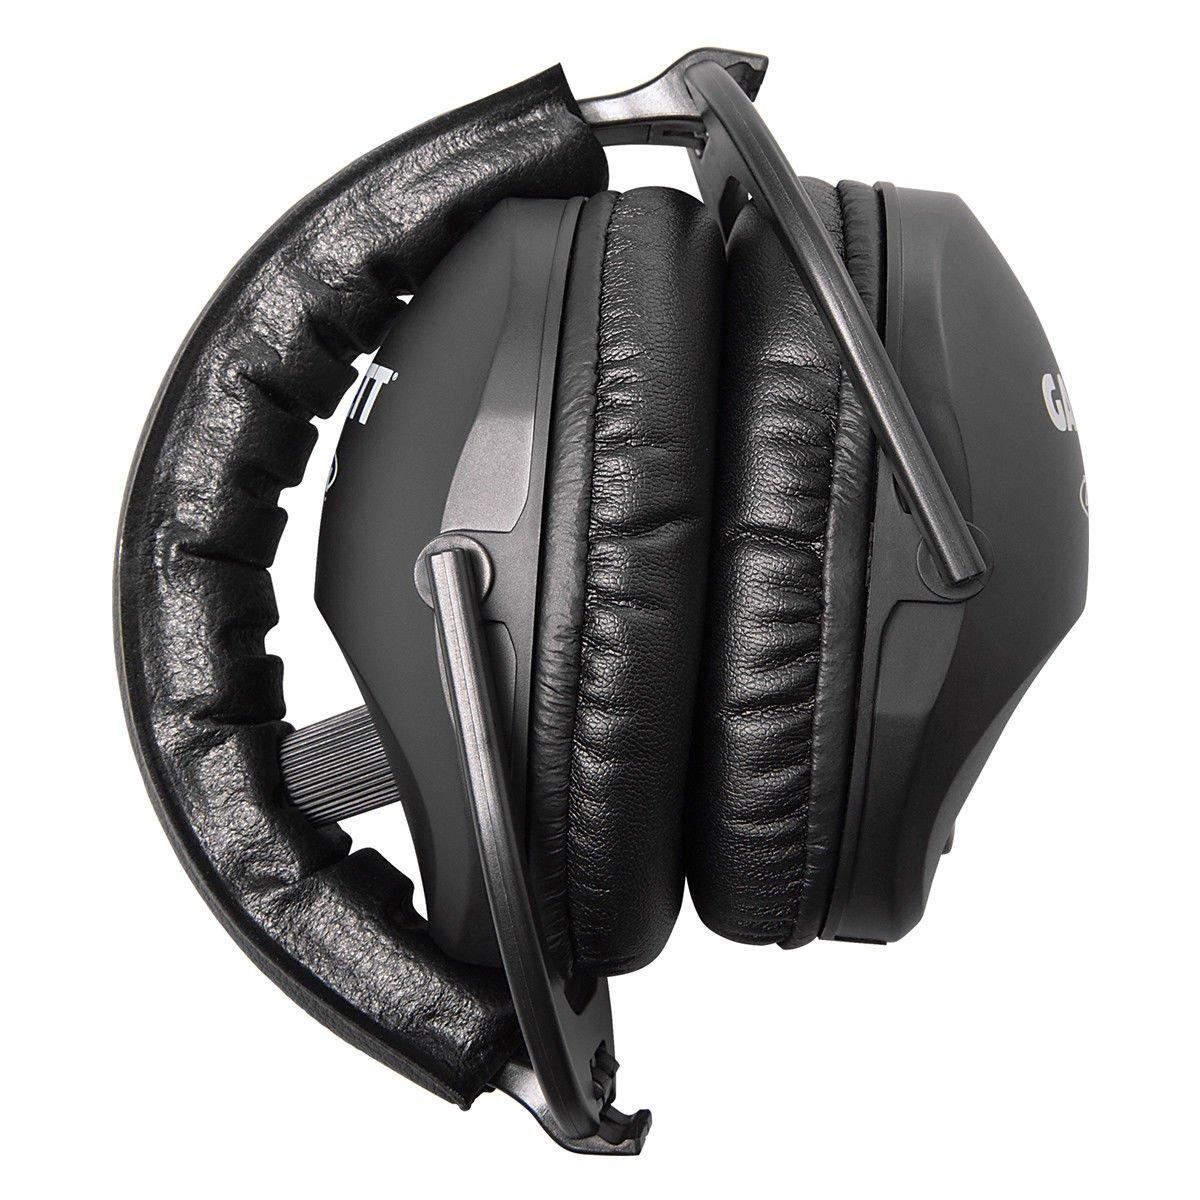 Garrett MS-3 Z-Lynk - Auriculares inalámbricos con Detector de Metales: Amazon.es: Jardín